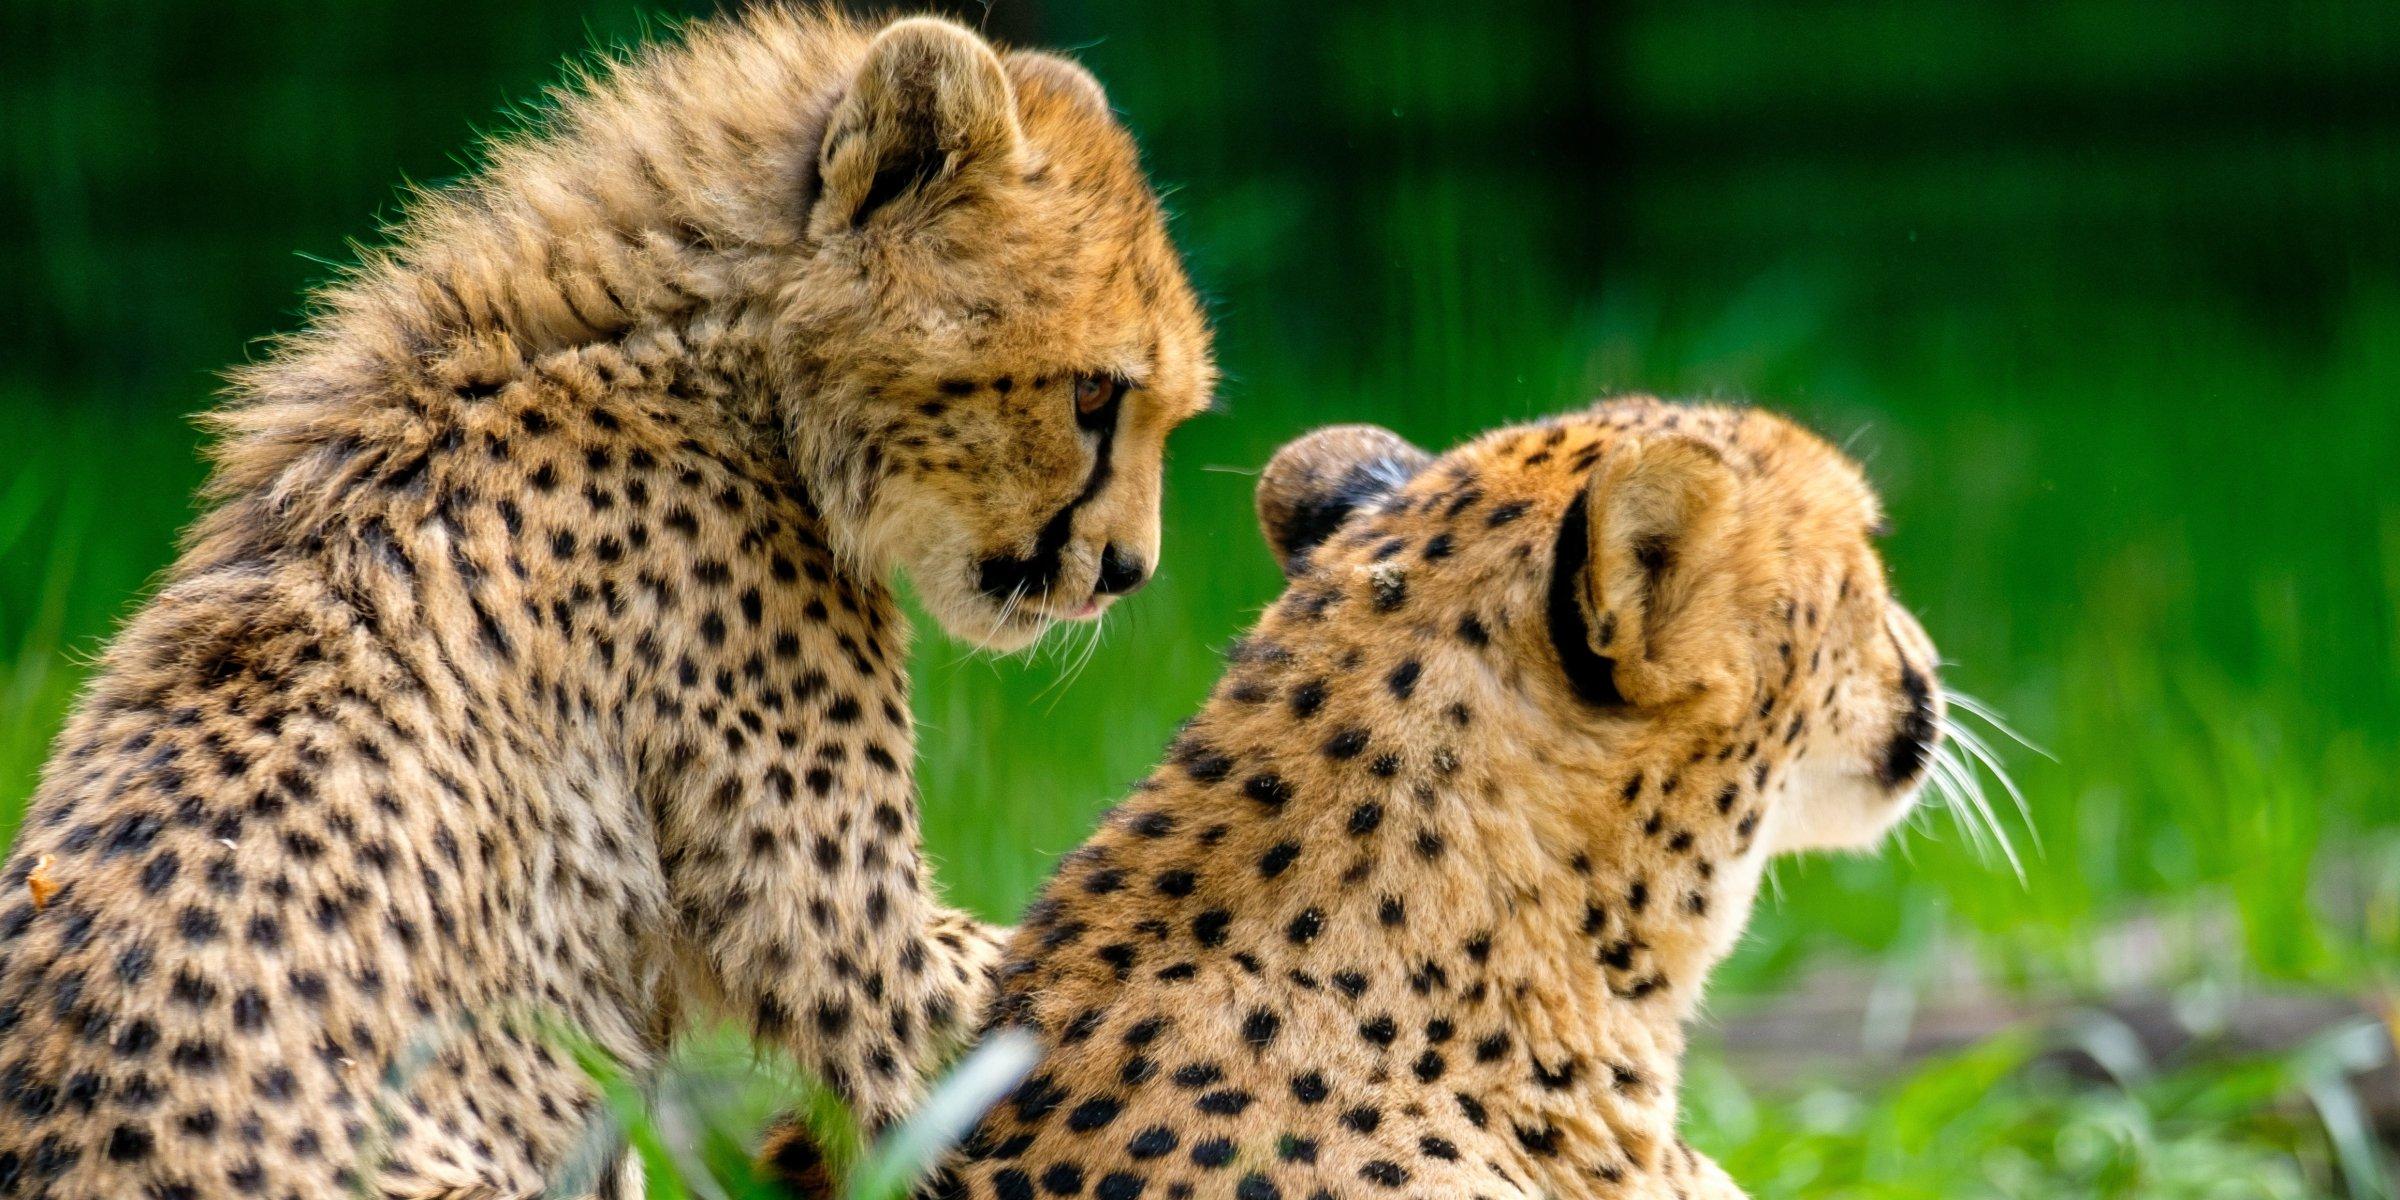 Cheetah | Wallpaper Zoom